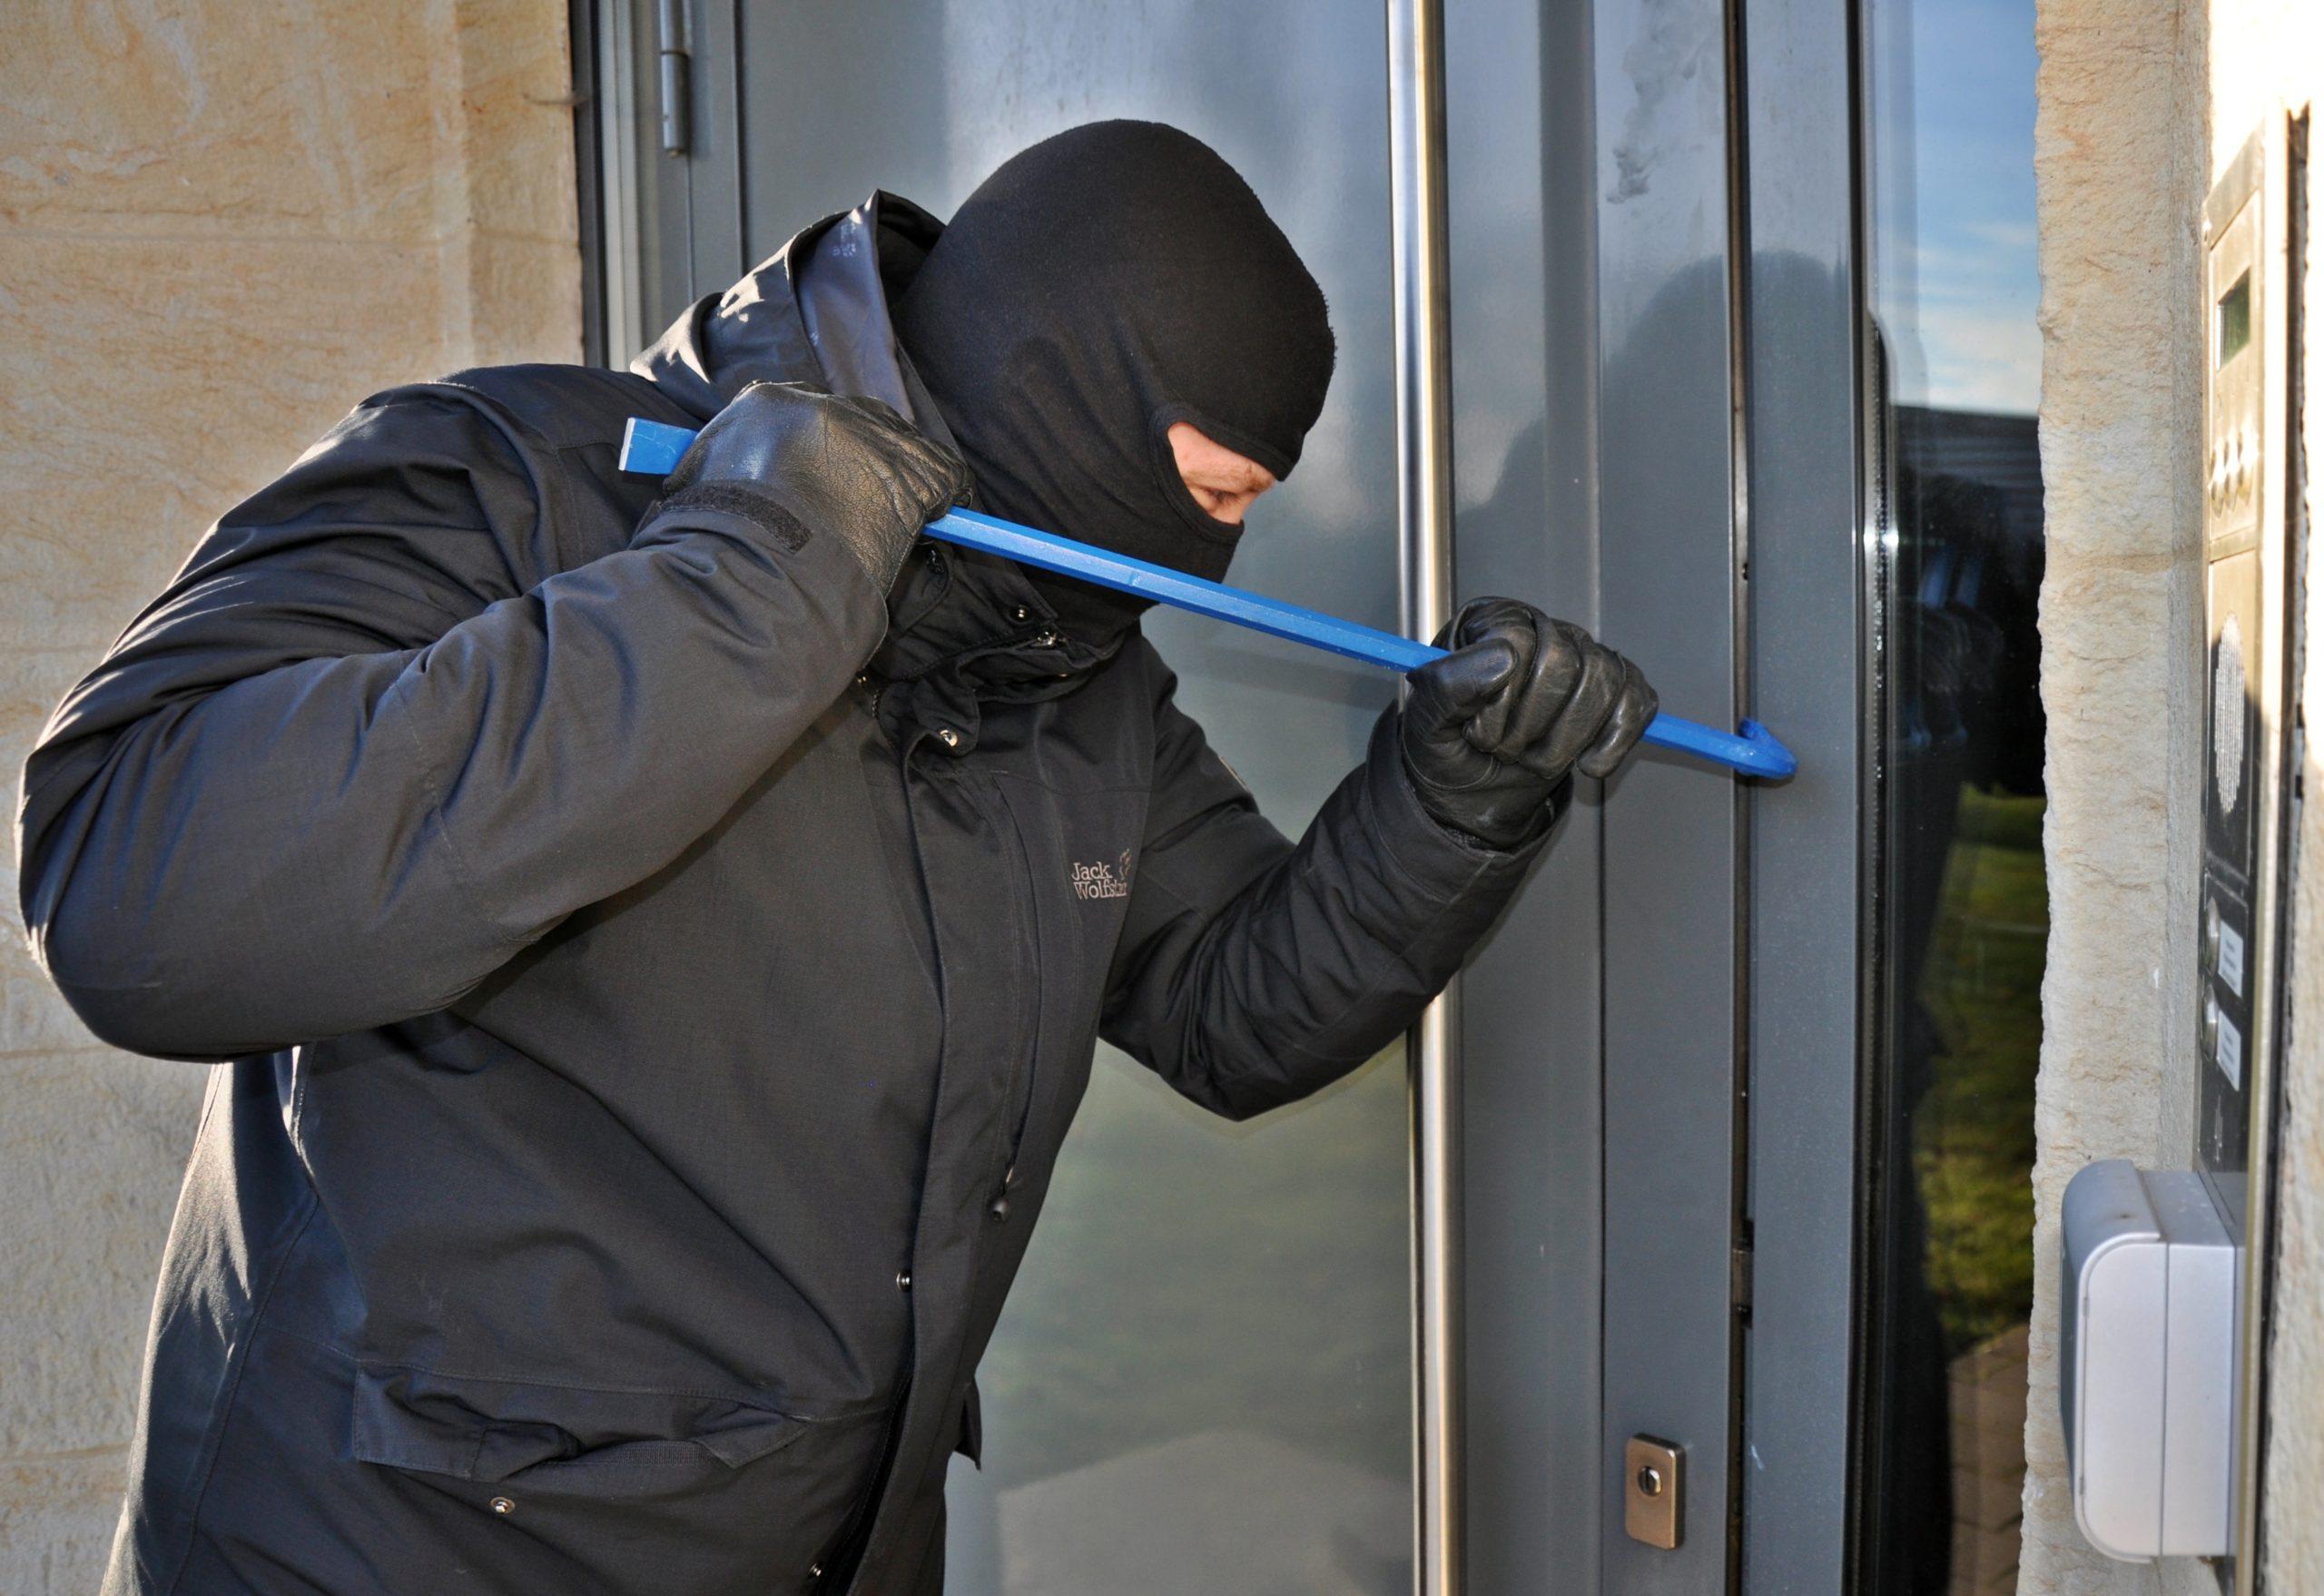 reparation af låse og reparation efter indbrud